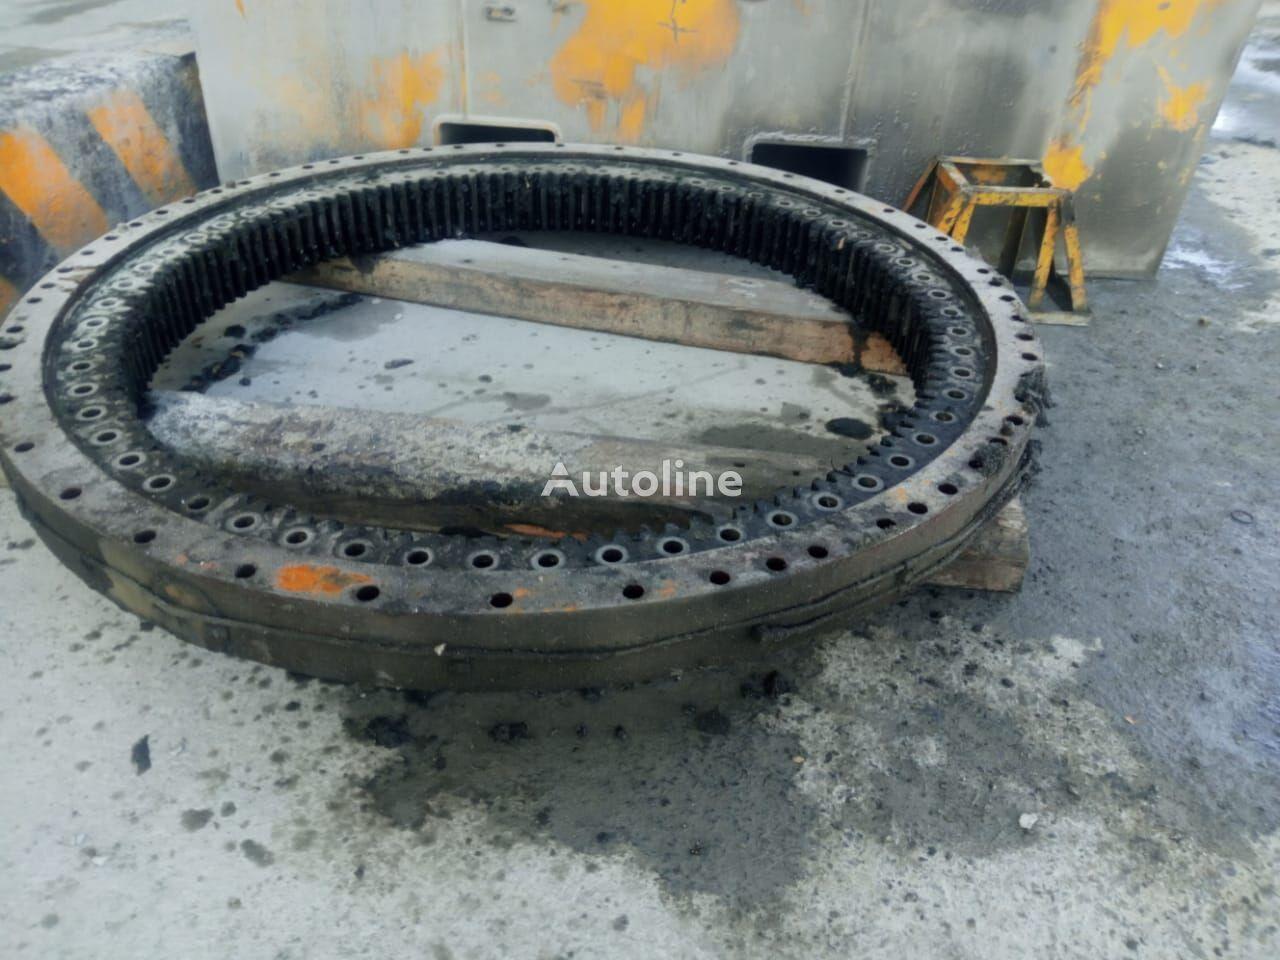 KOMATSU PC1250 (21N-25-00400) slewing ring for KOMATSU PC1250-7, PC1250-8 excavator